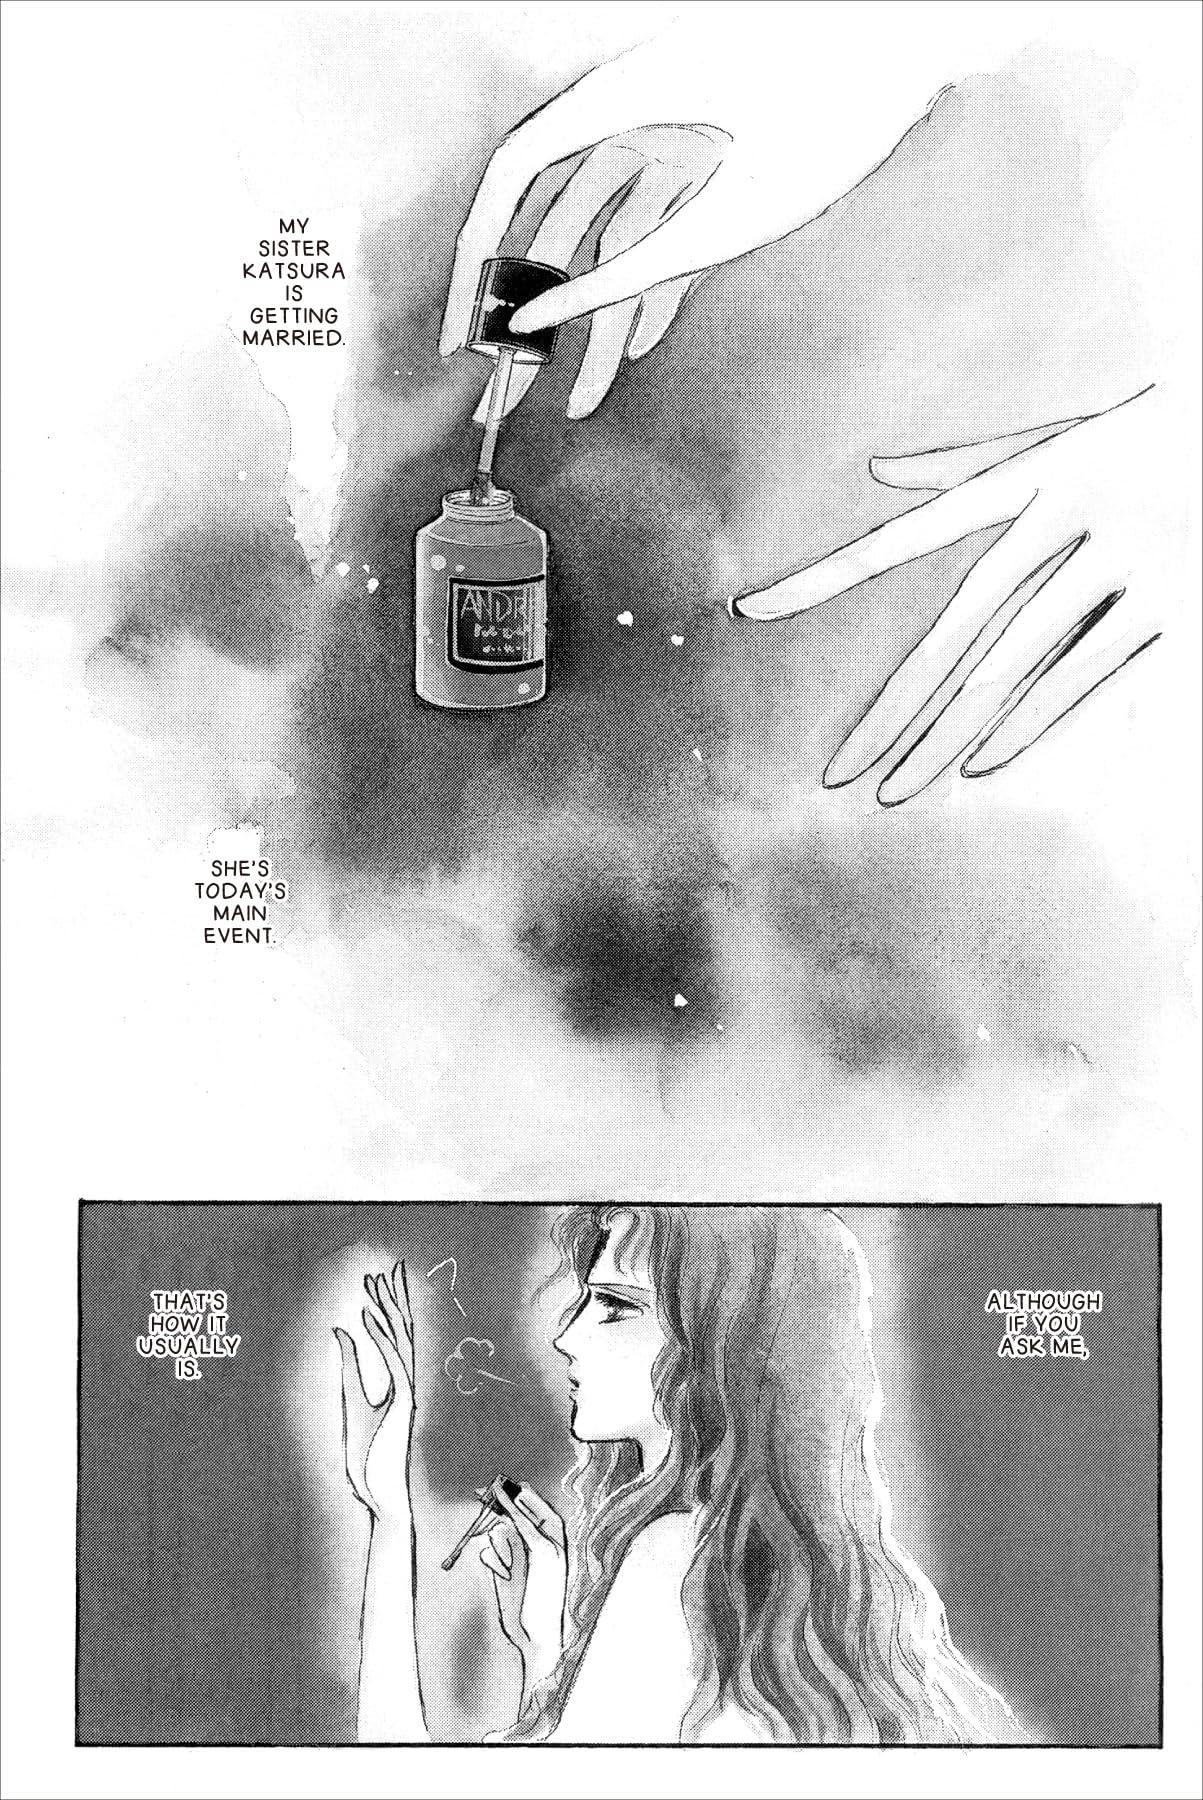 KYOKO SHIMAZU AUTHOR'S EDITION #7